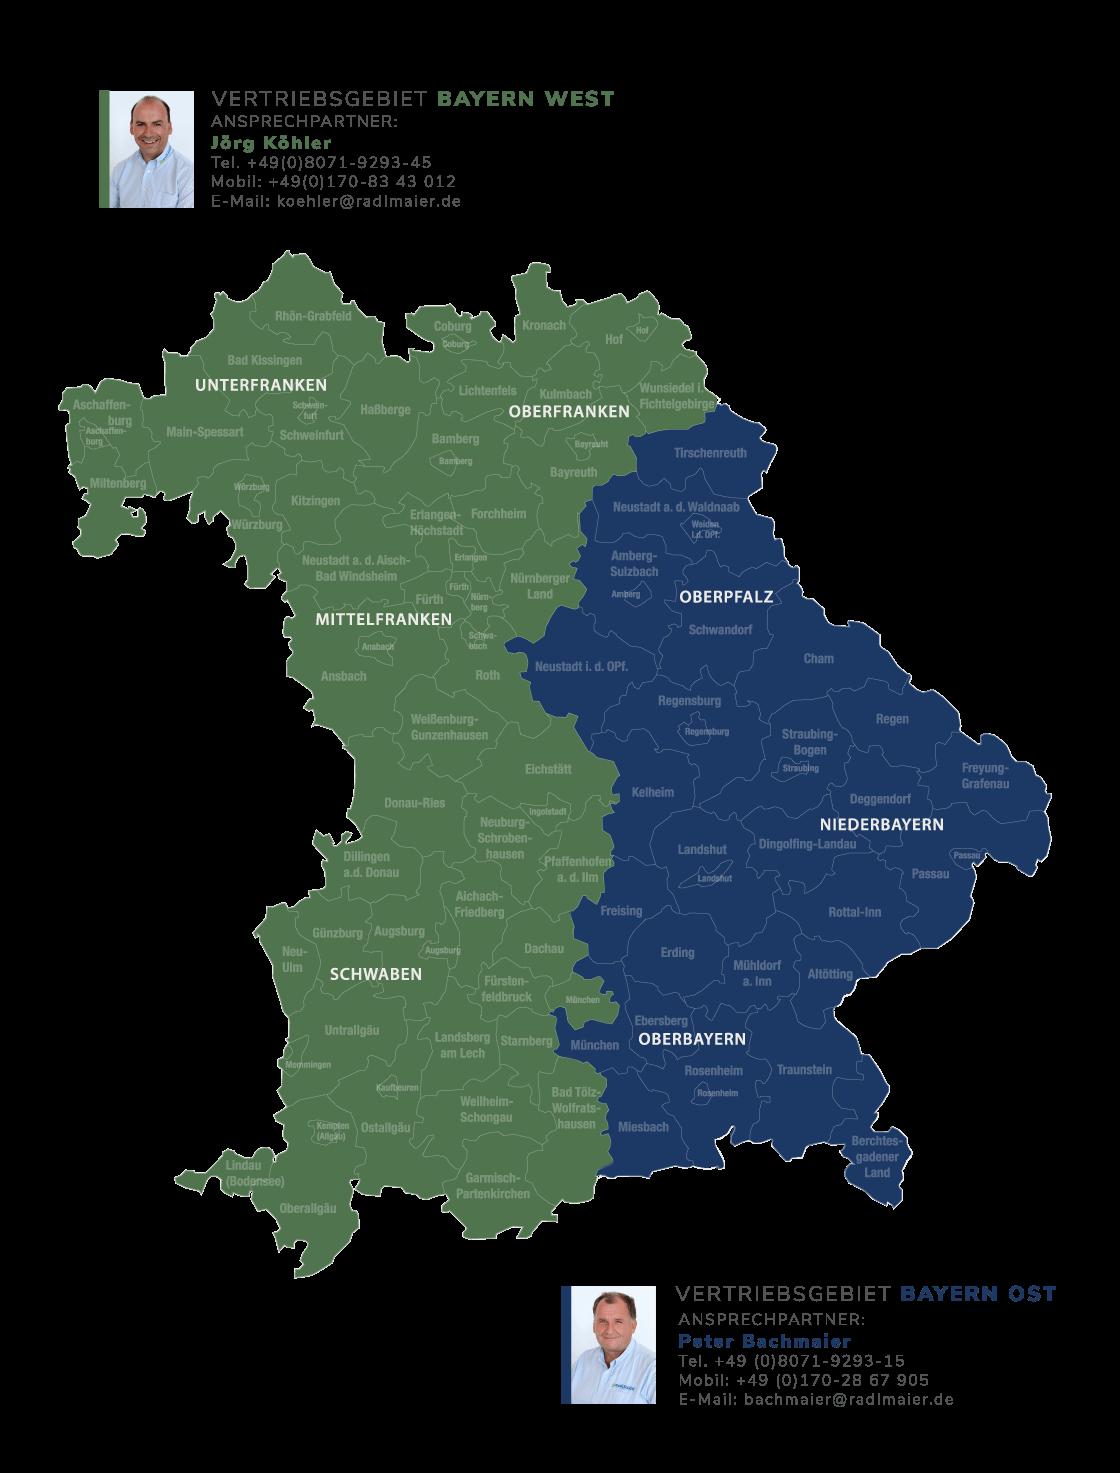 Radlmaier Vertriebsgebiete Bayern